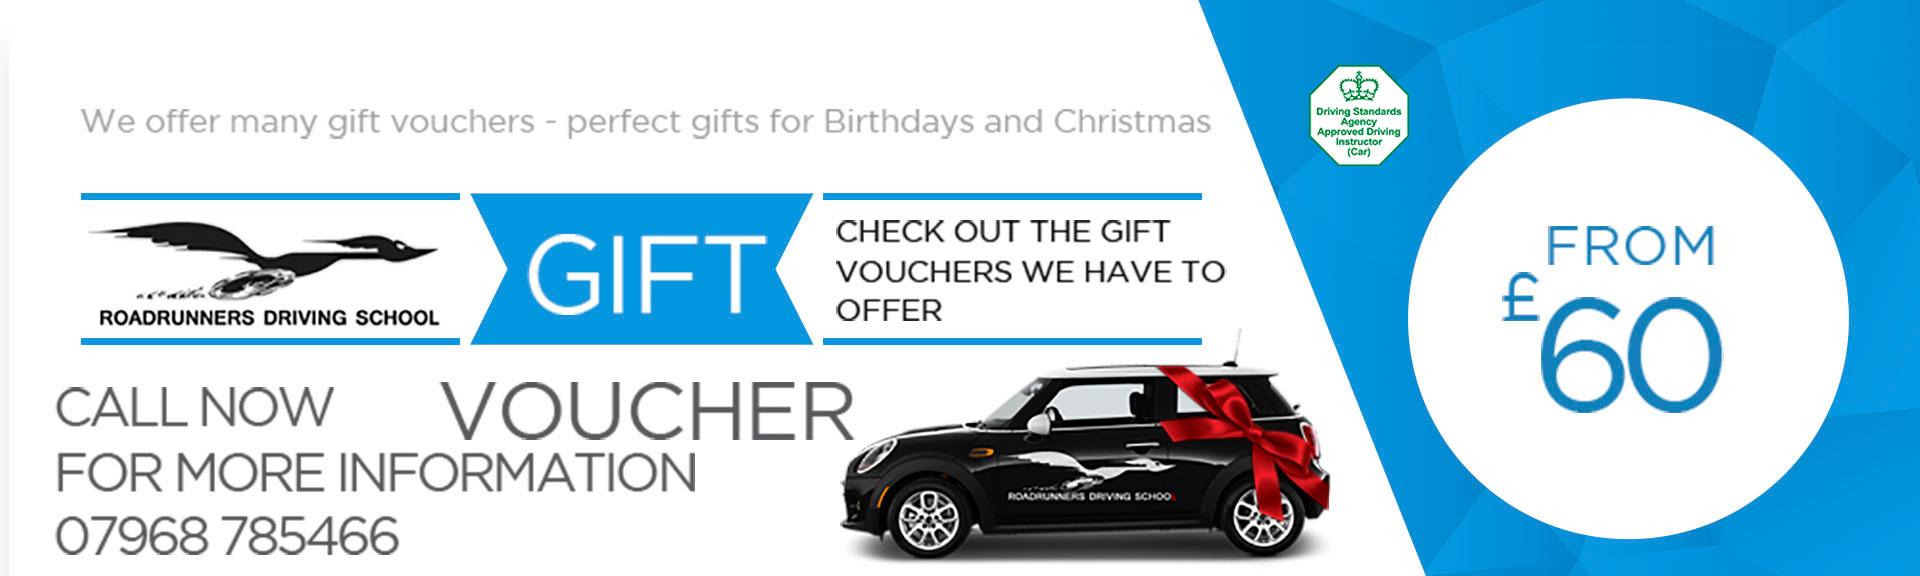 £60 Driving Lessons Gift vouchers For Roadrunners Driving School Kidderminster